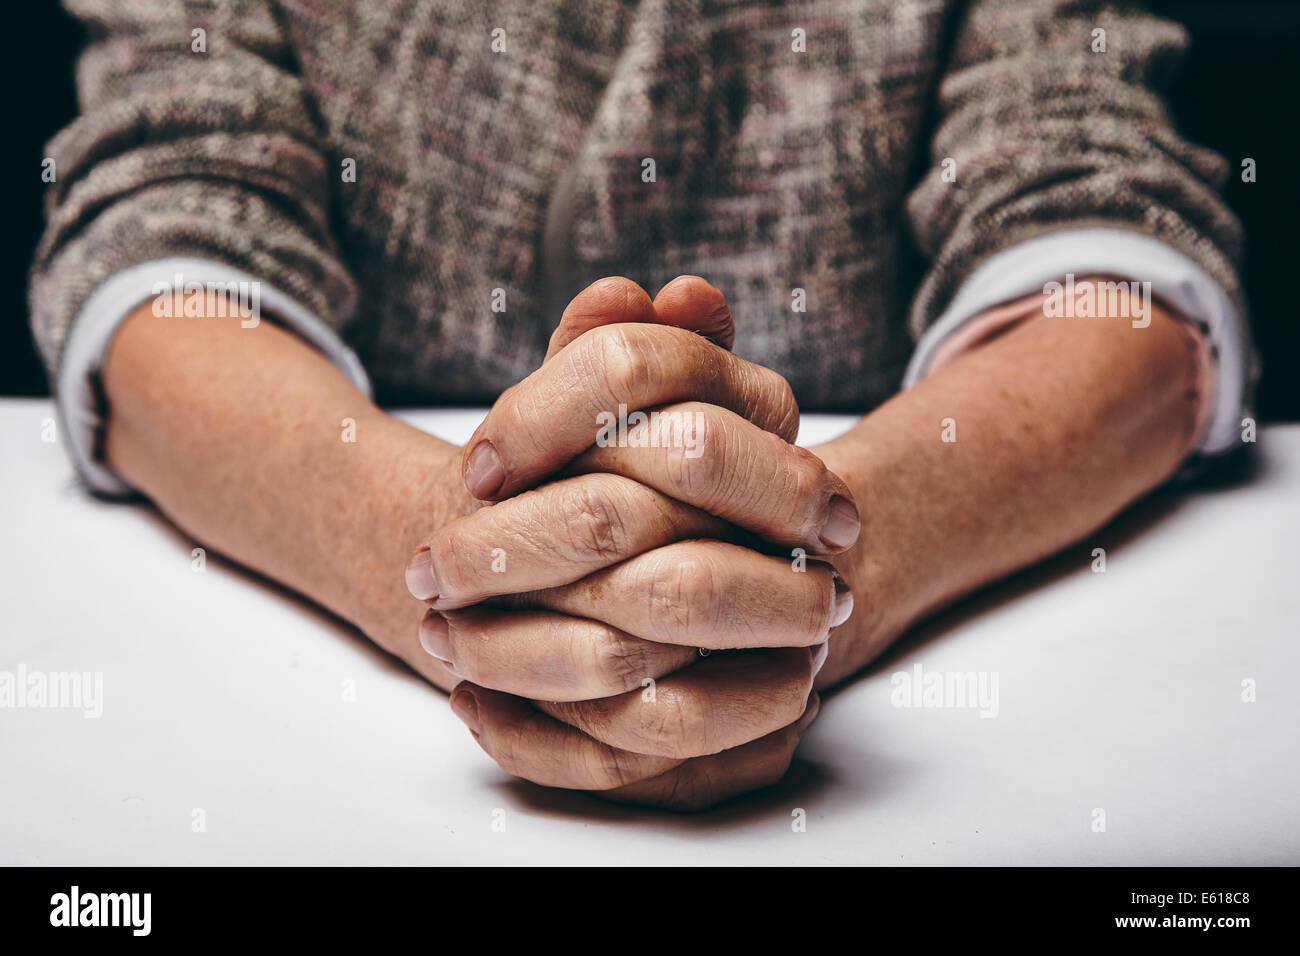 Studio fotografico di pregare mani di una donna senior sul tavolo. Vecchio mani giunte su un tavolo. Immagini Stock